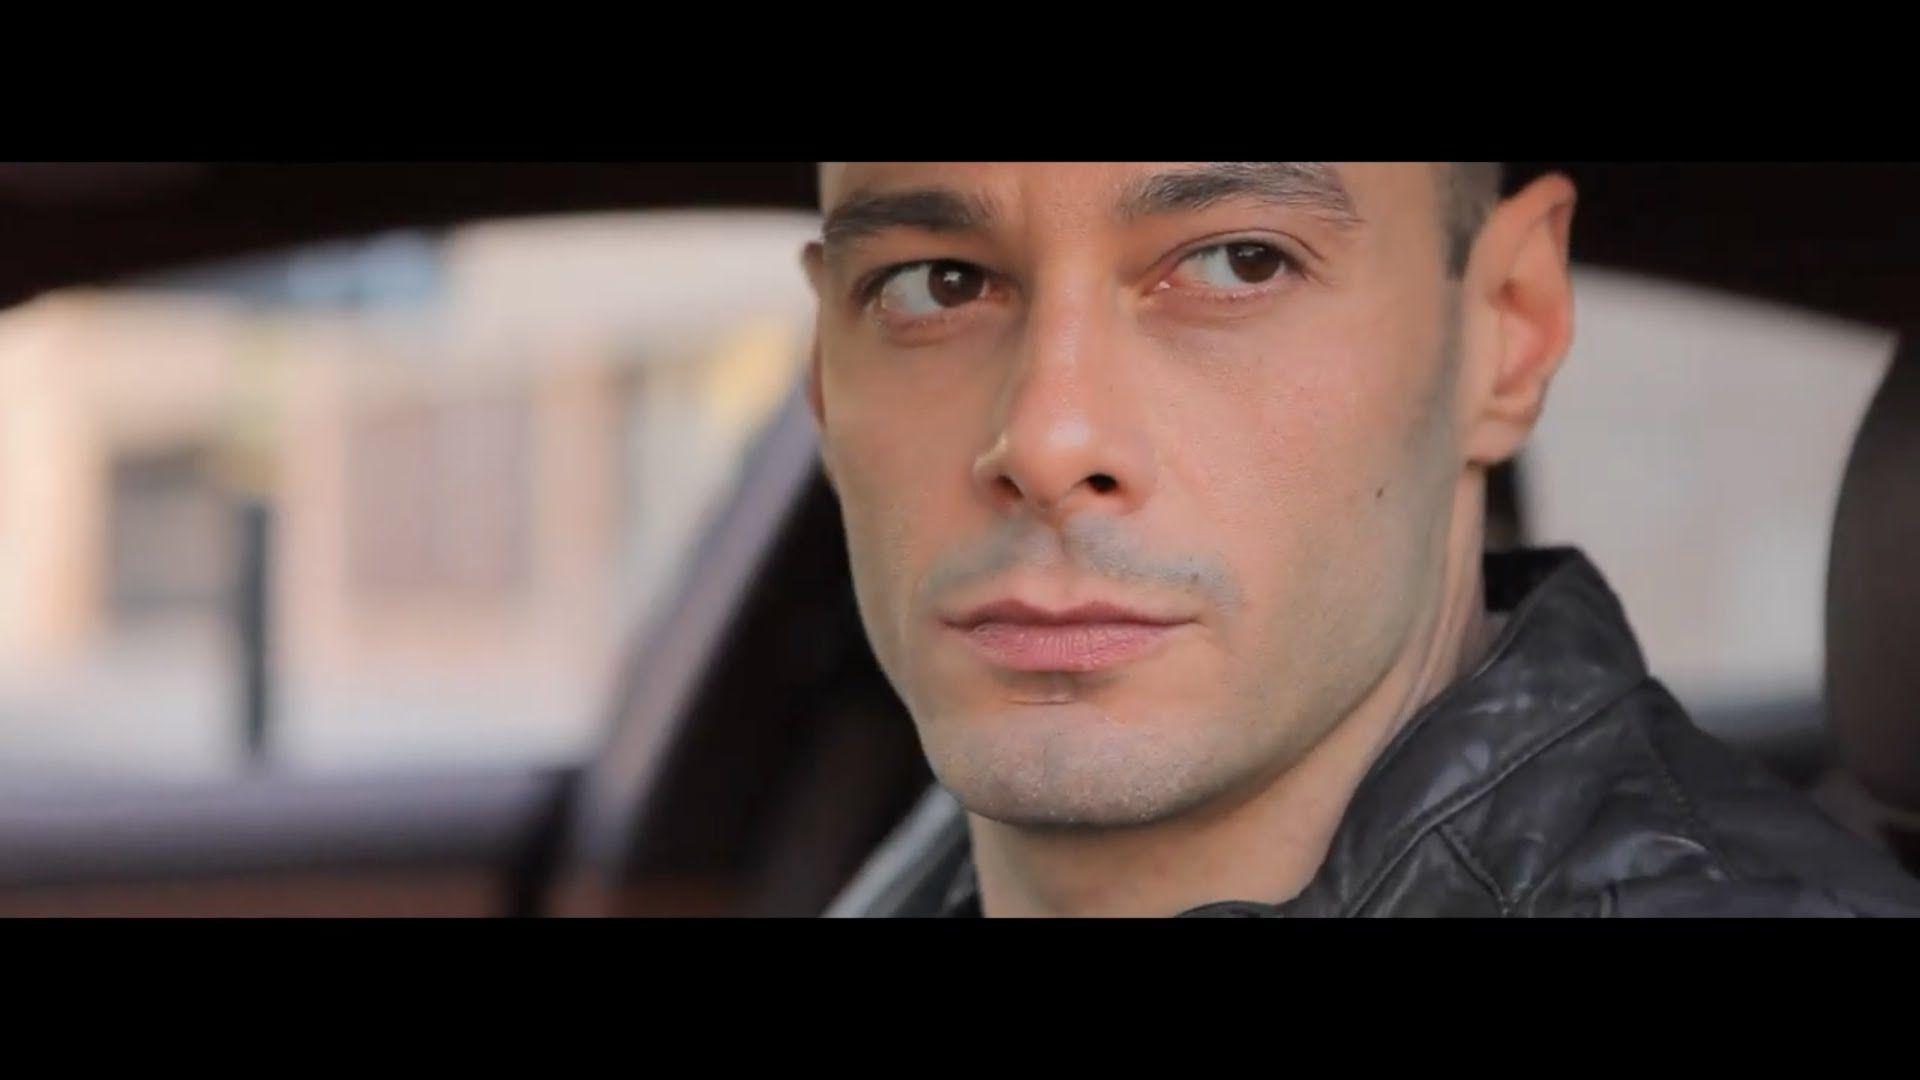 Fabri Fibra con Neffa. Panico. Video ufficiale.  Regia: Gaetano Morbioli Produzione: Run Multimedia